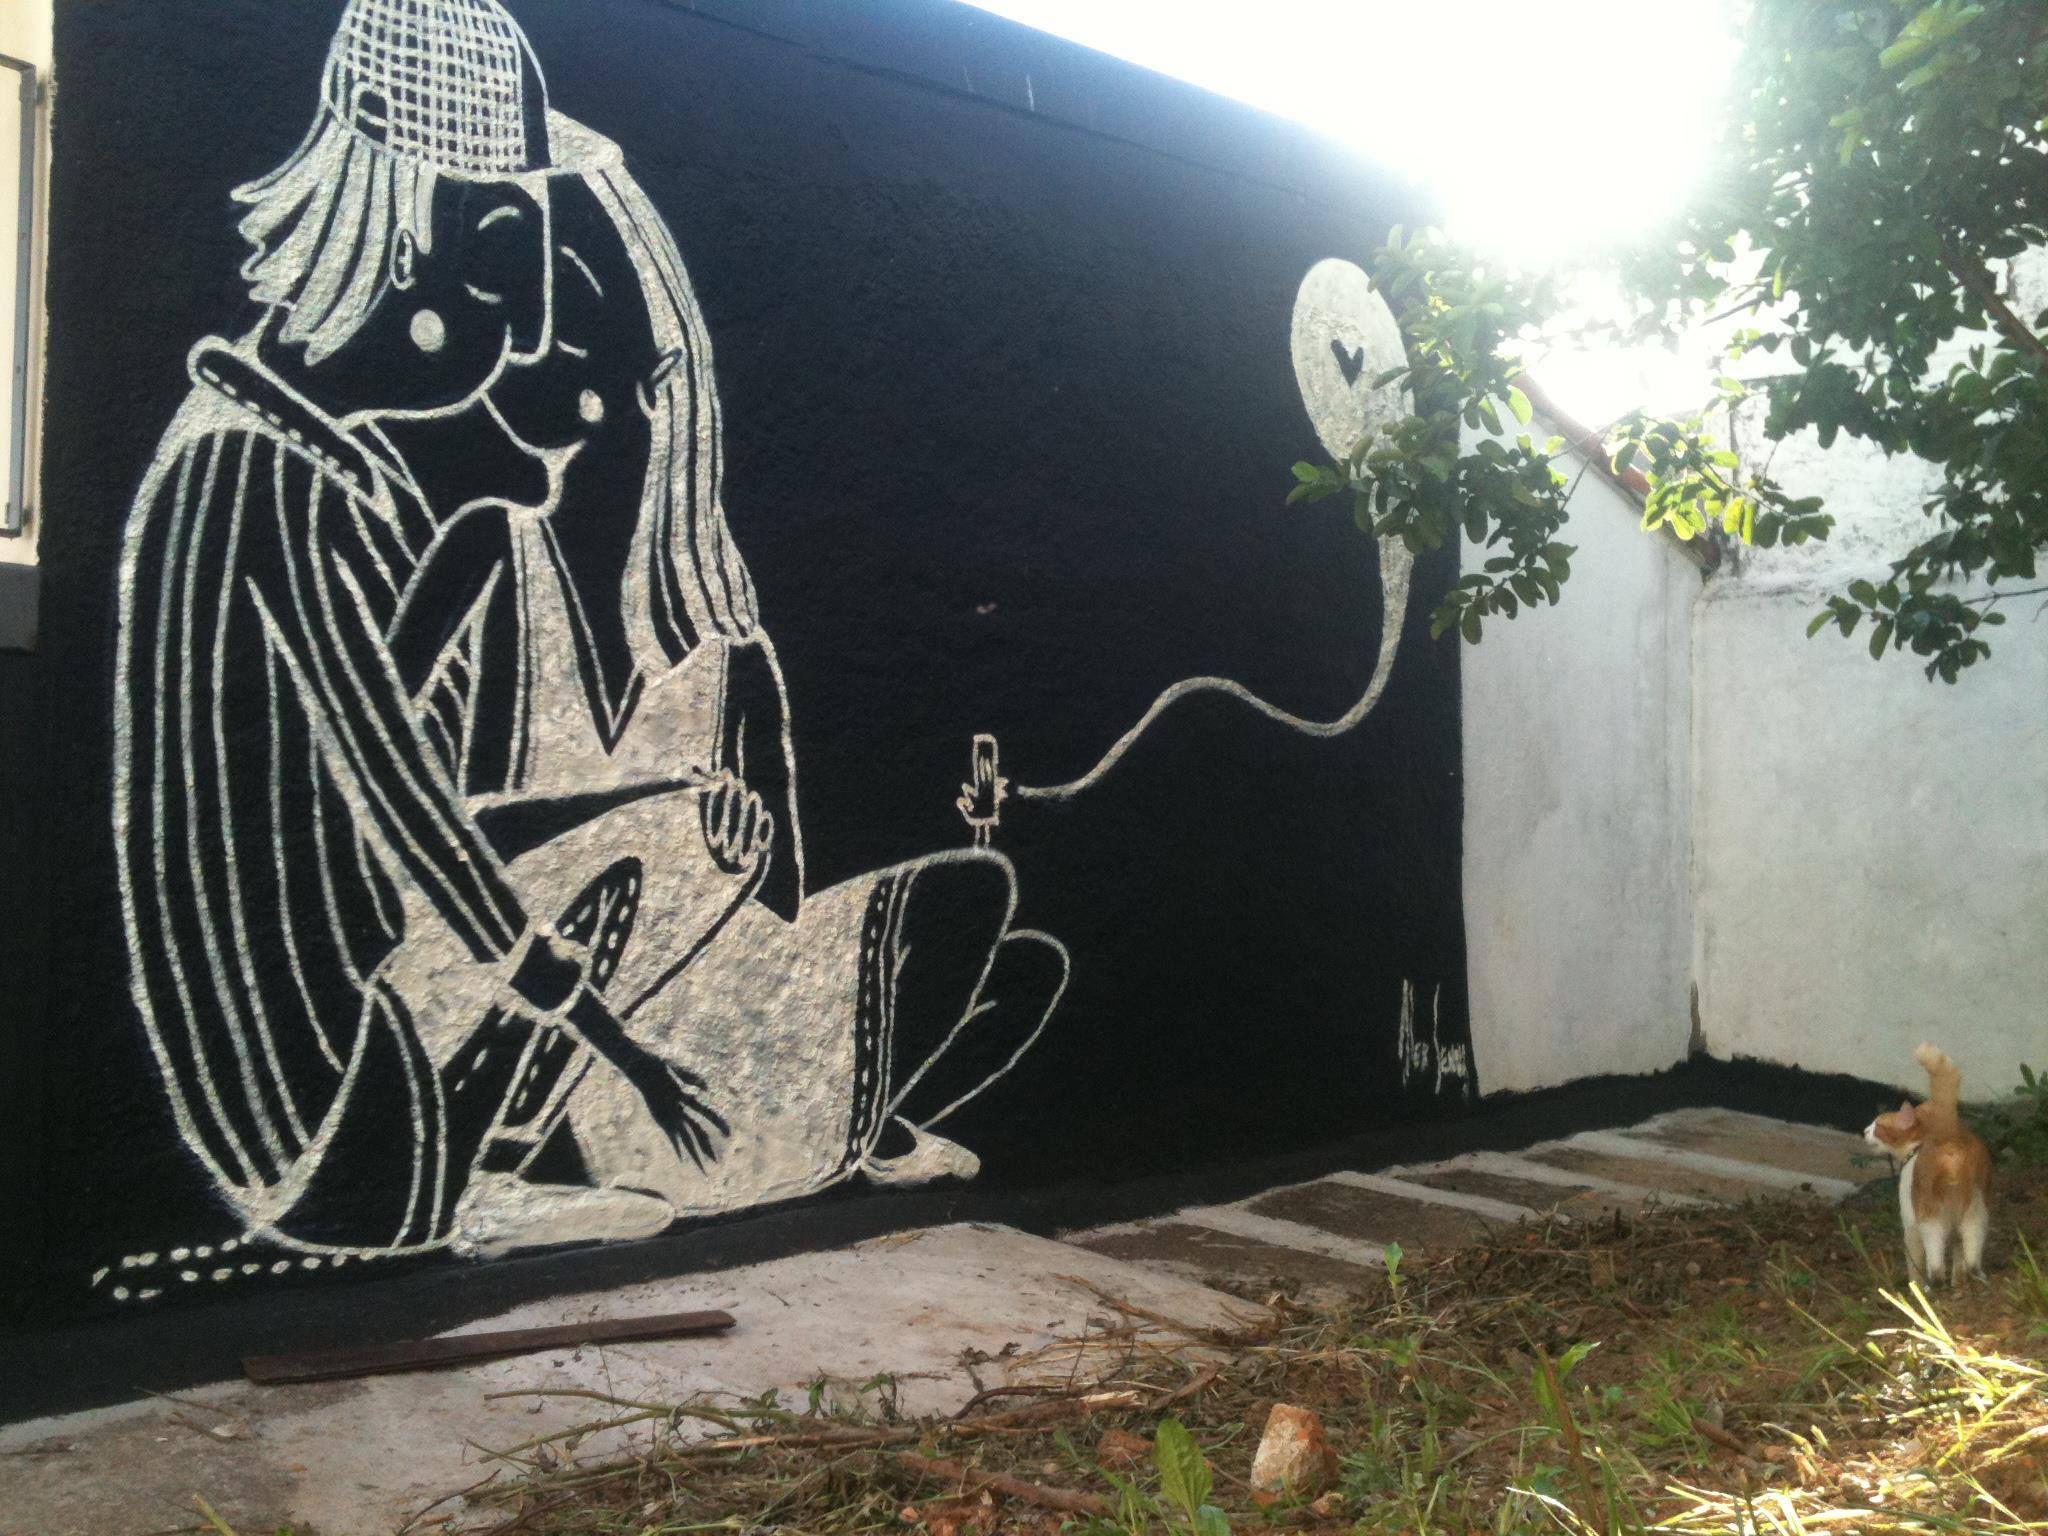 Alex Senna | Street art, Art, Mural